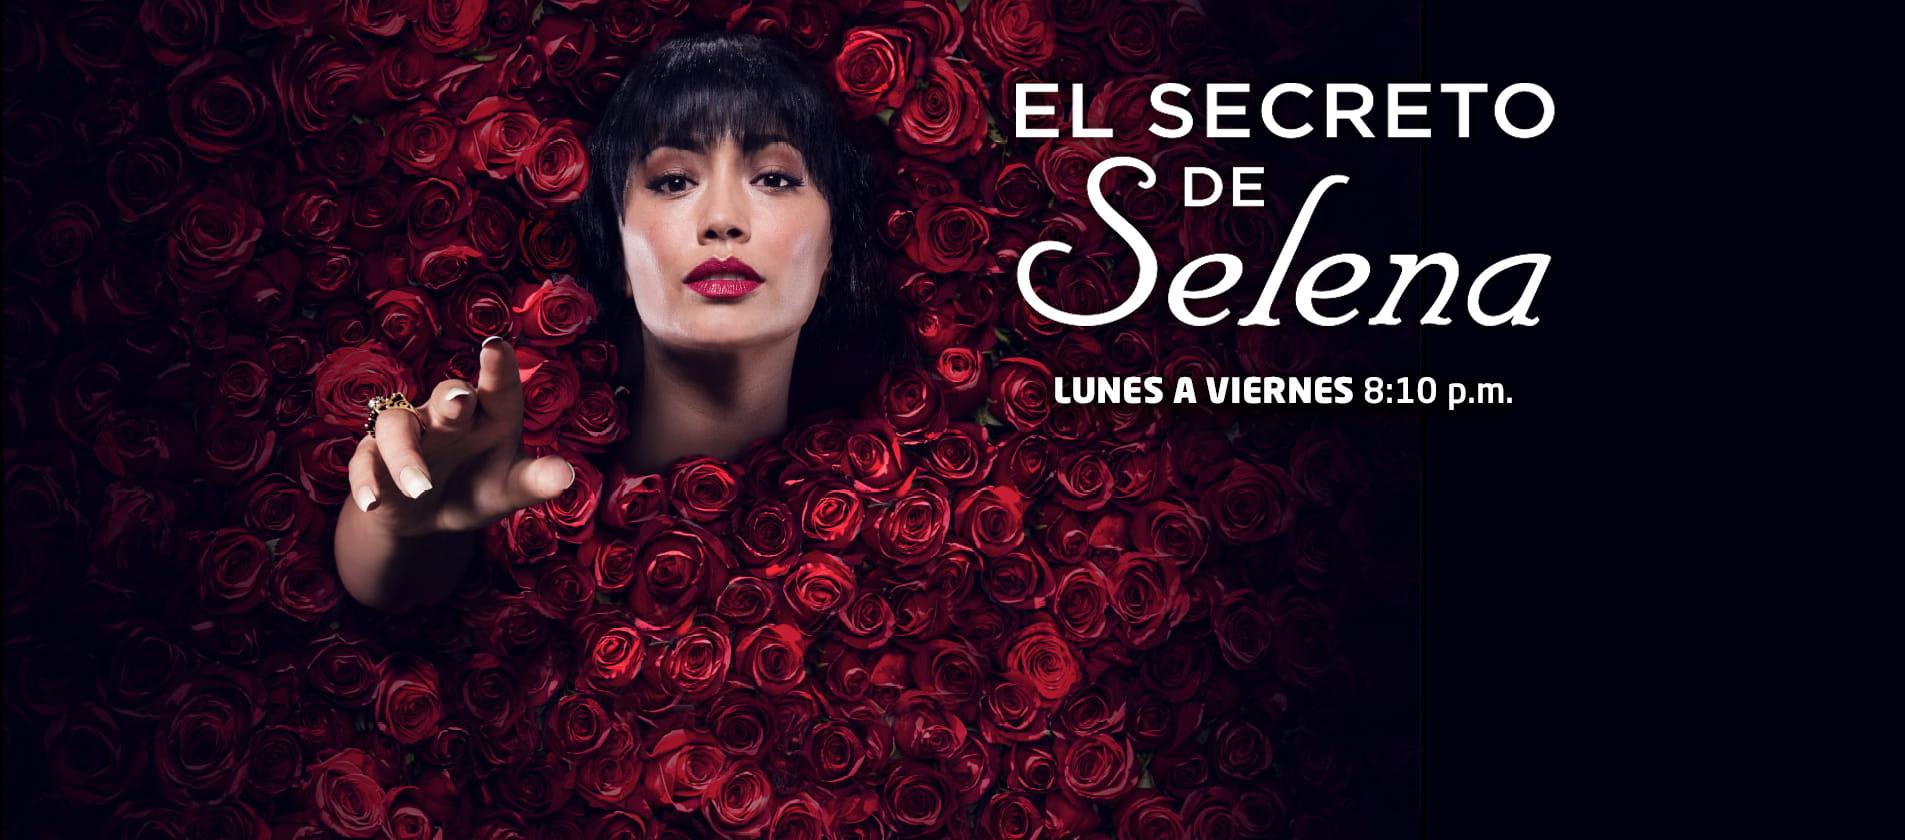 ¿Dos gotas de agua? El gran parecido entre Maya Zapata y Selena